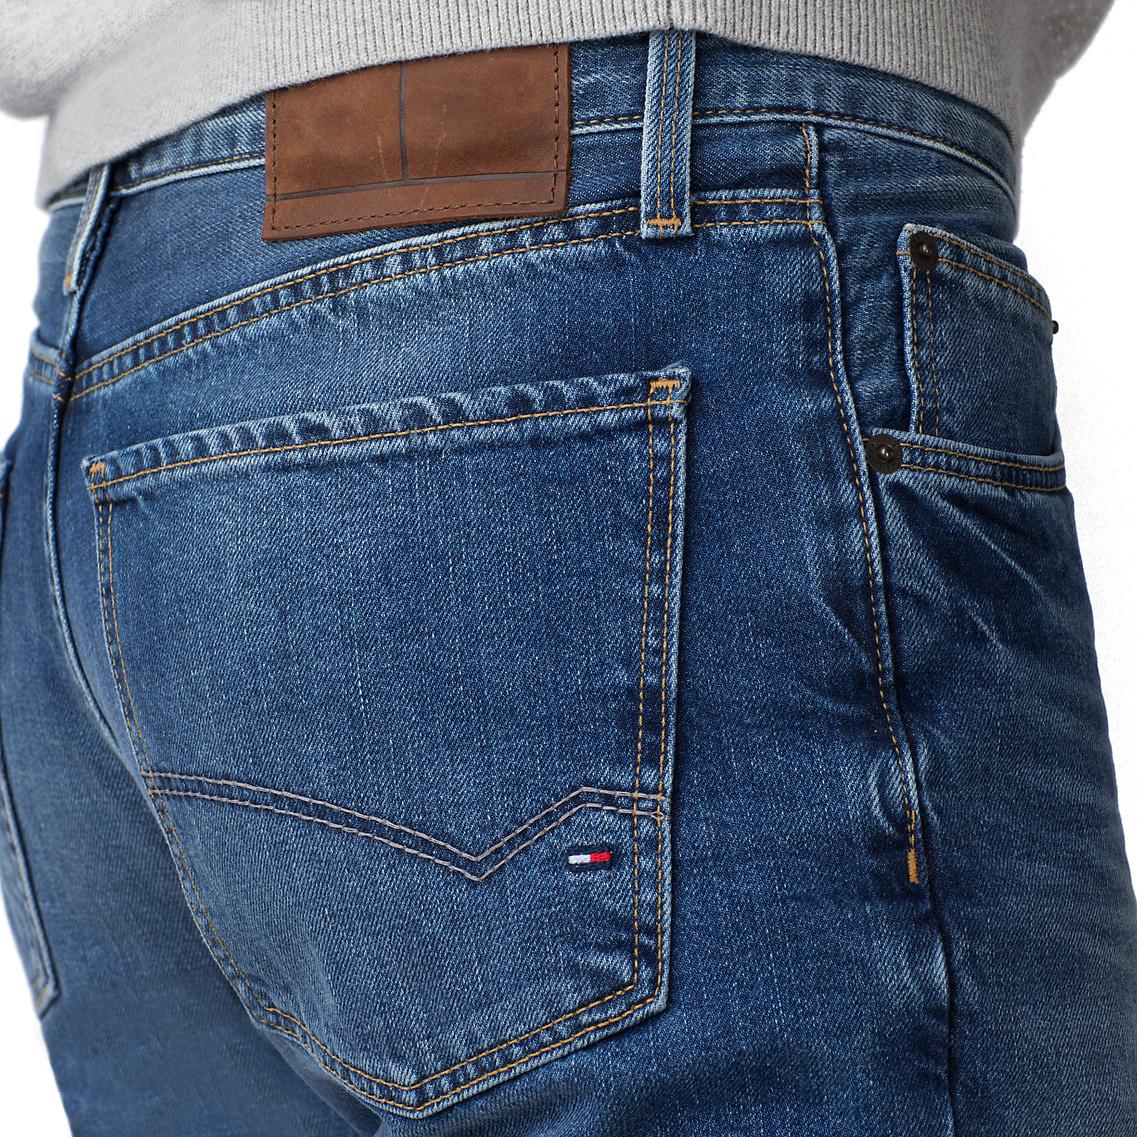 Wählen Sie für späteste beliebt kaufen Original Mercer Regular Fit Denim Pant